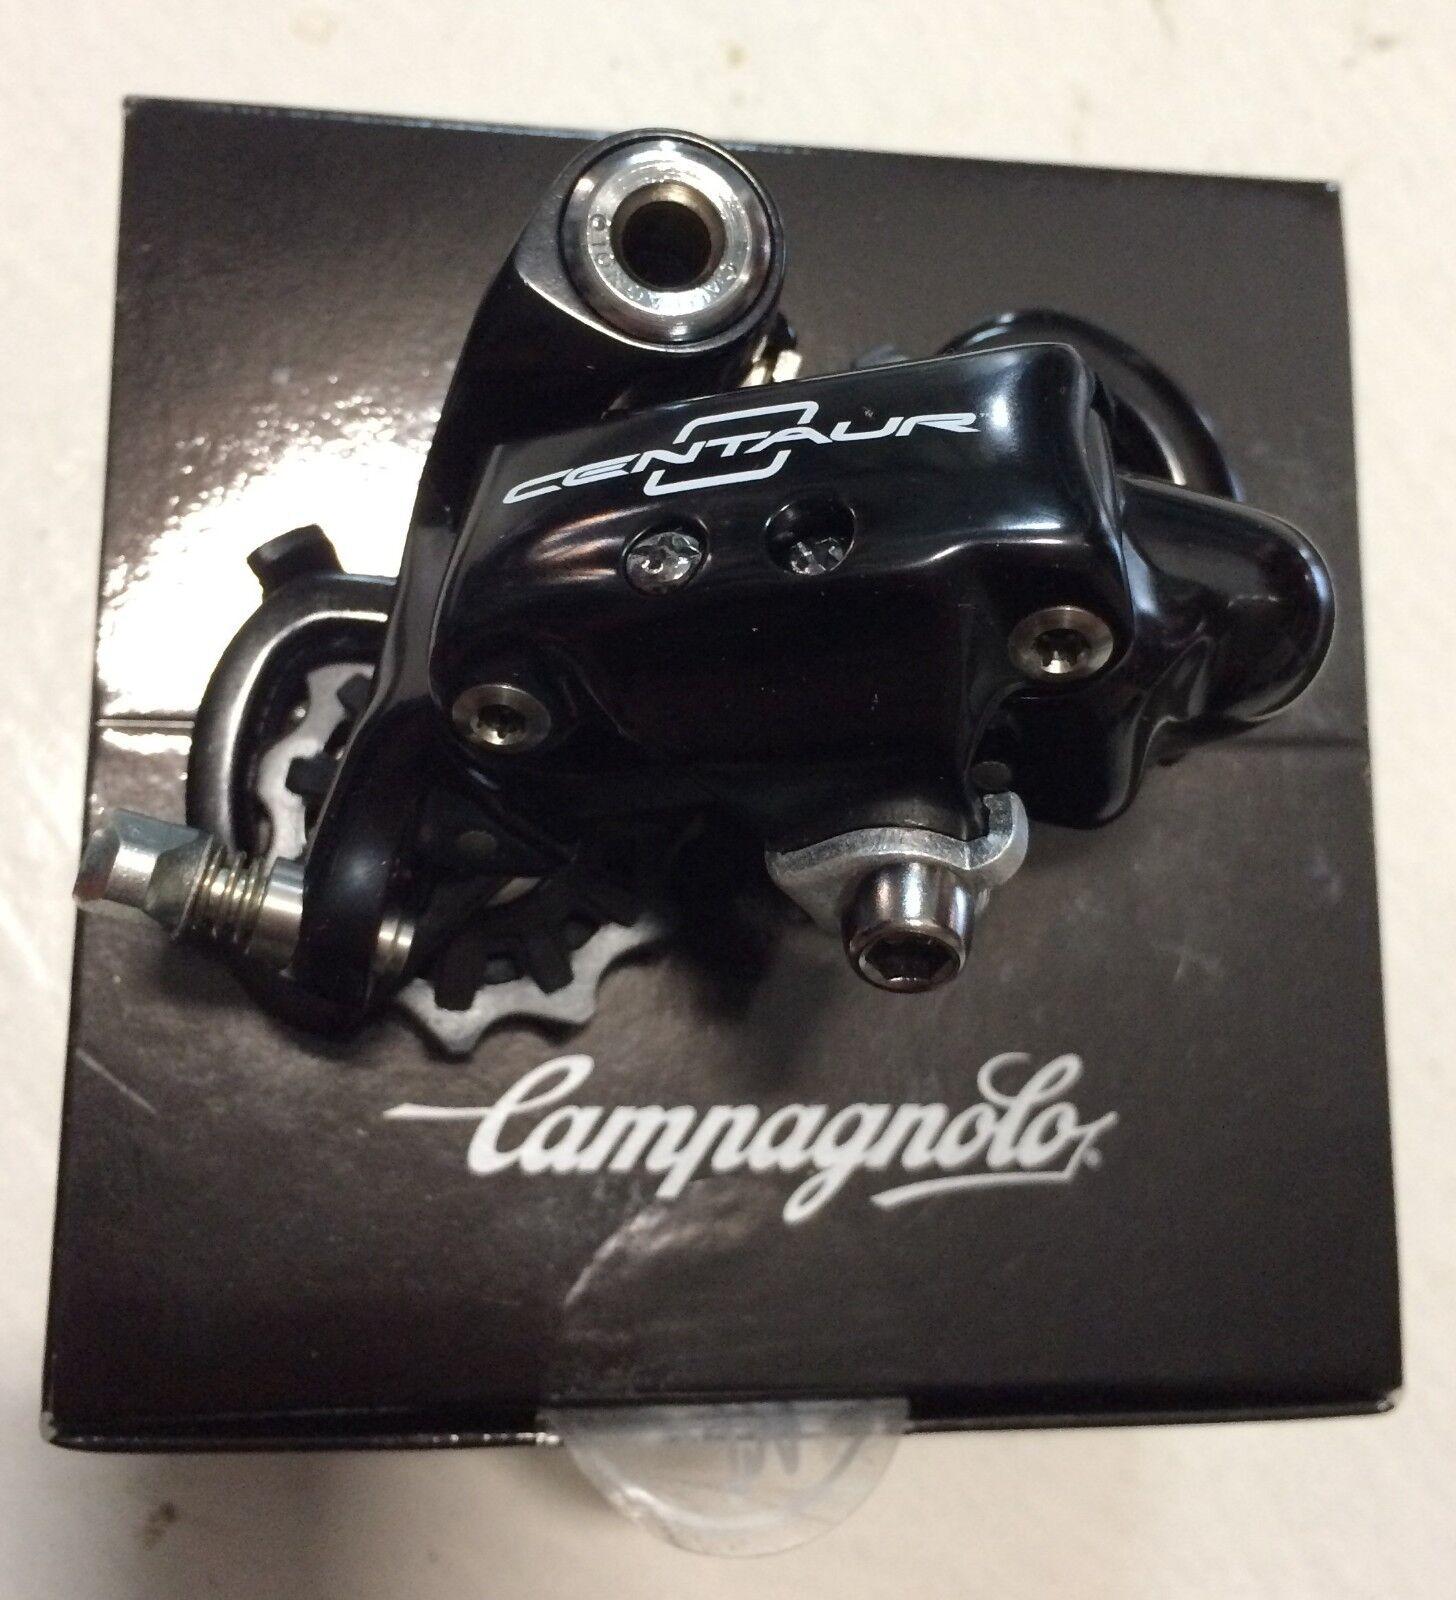 Campagnolo Centauro bike cambio trasero 10 shifter bici de carreras RD12-CEX